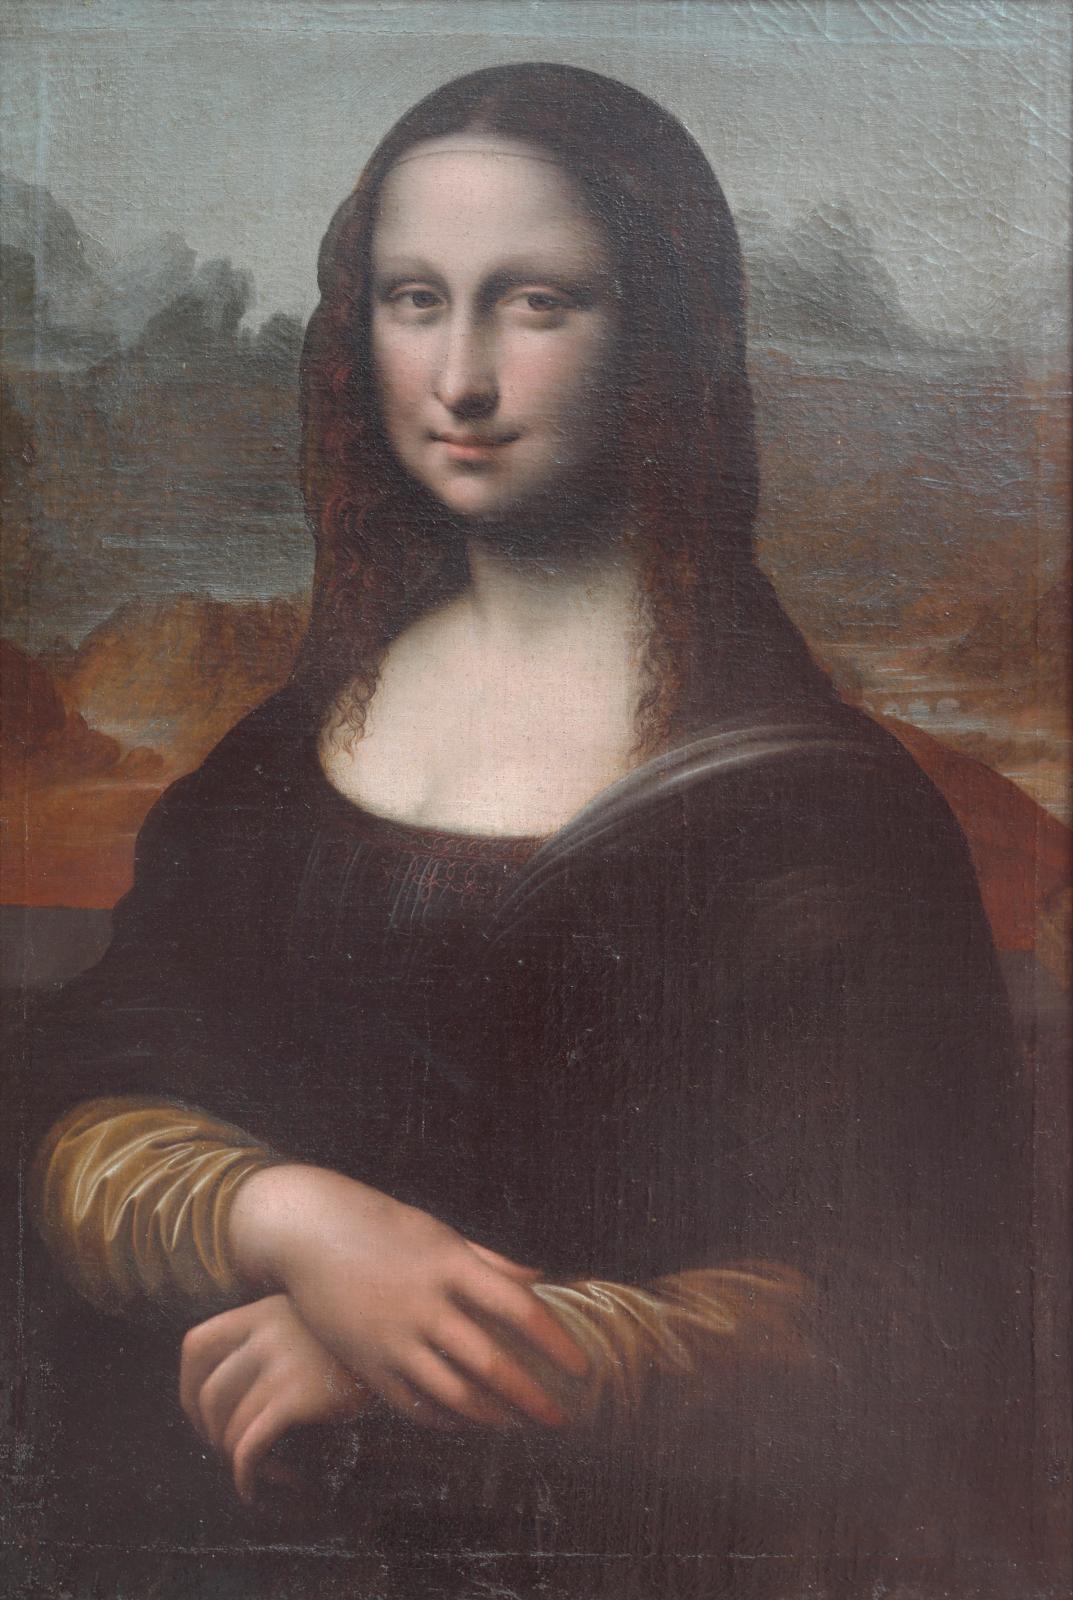 Anonyme, fin XVIe-début XVIIe huile sur toile, musée des beaux-arts de Troyes.